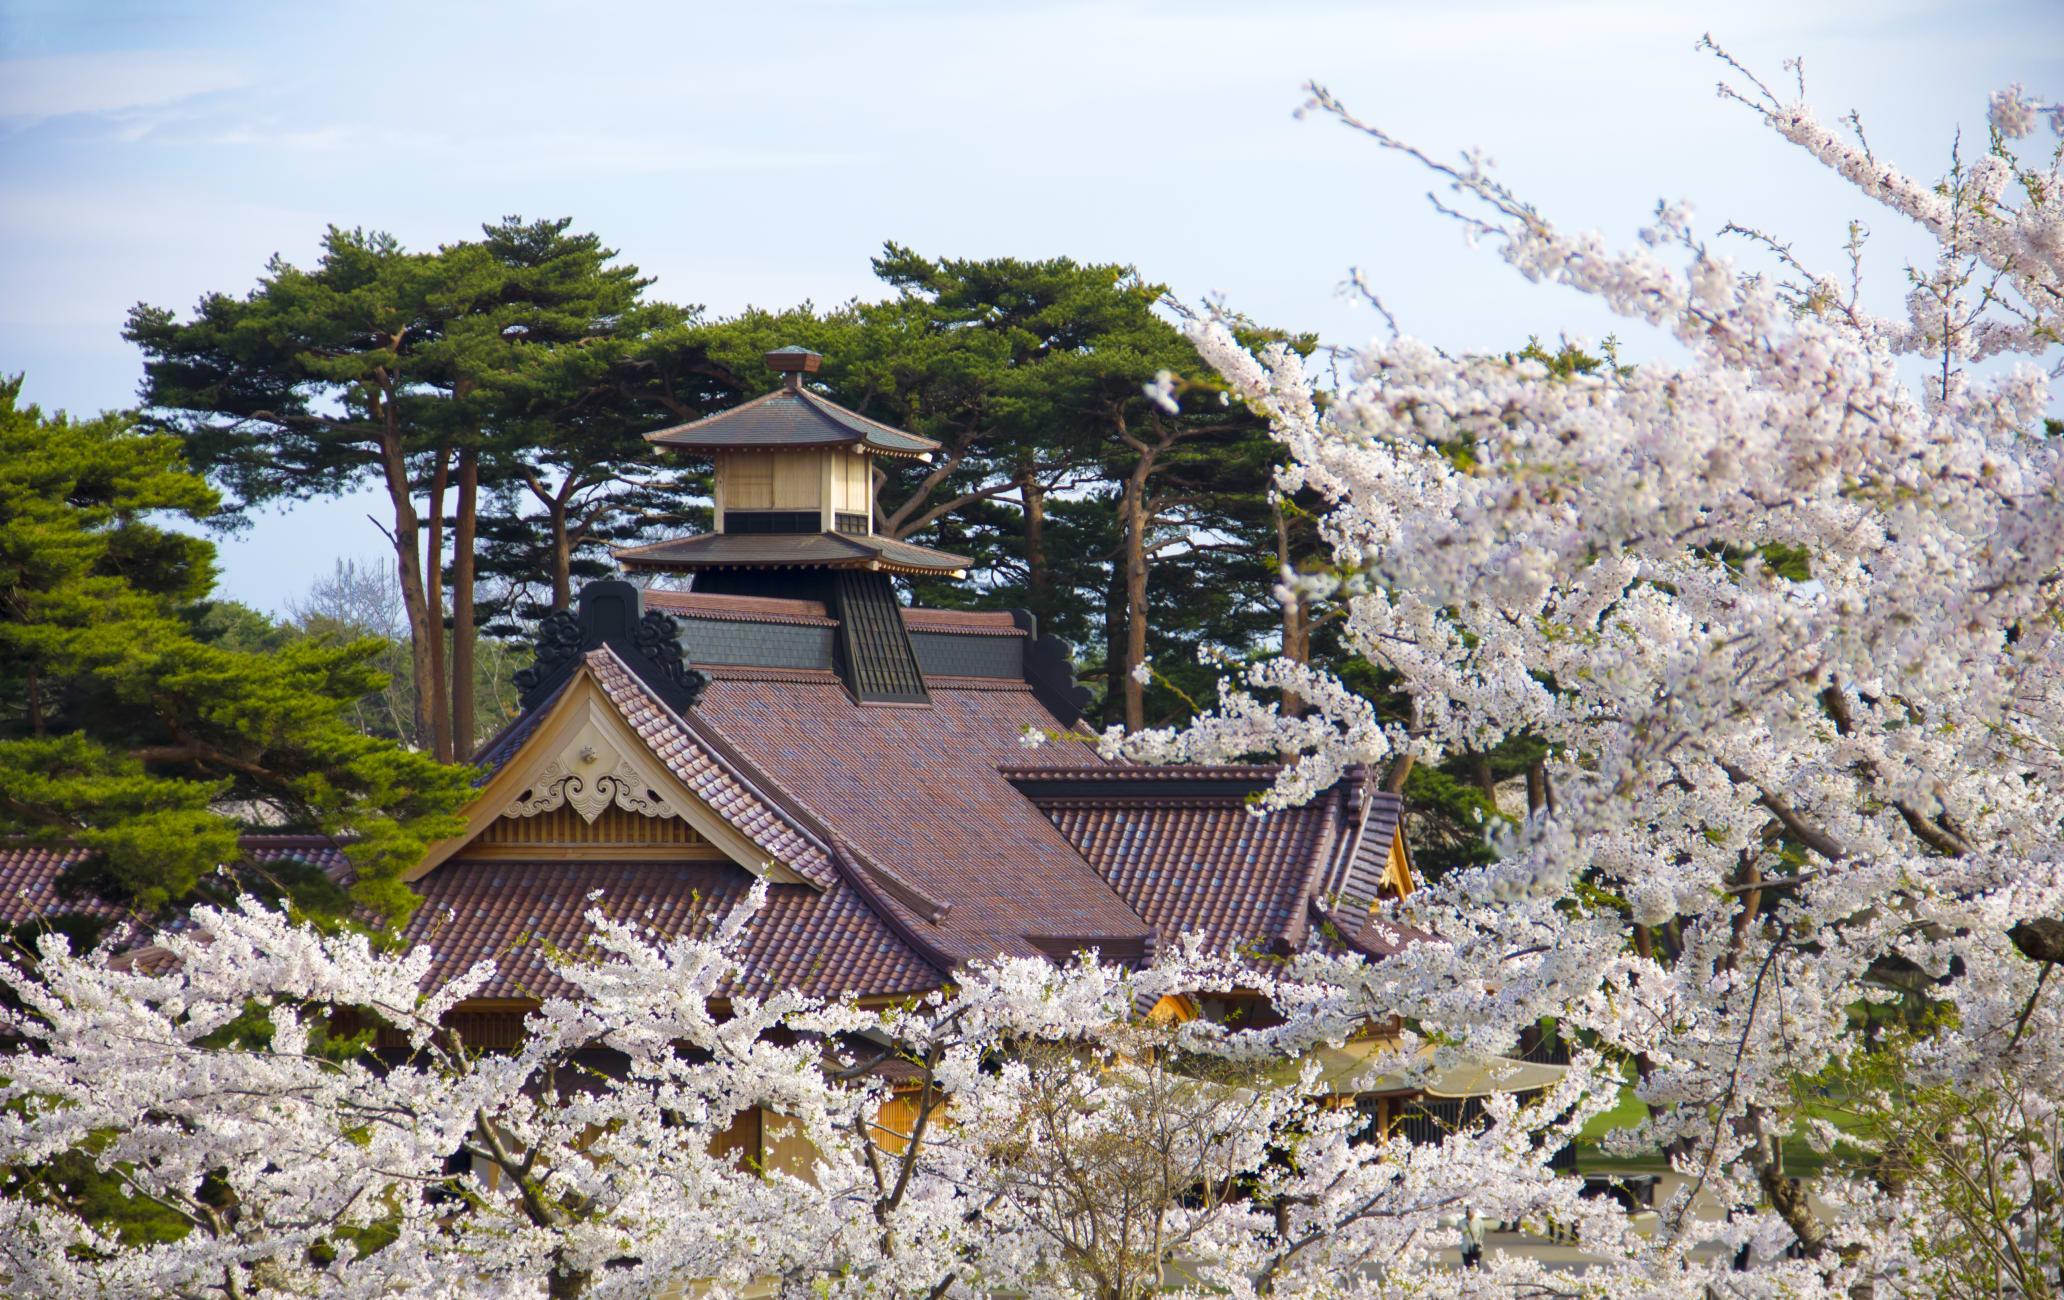 Goryokaku Park - Cherry blossom-SPR